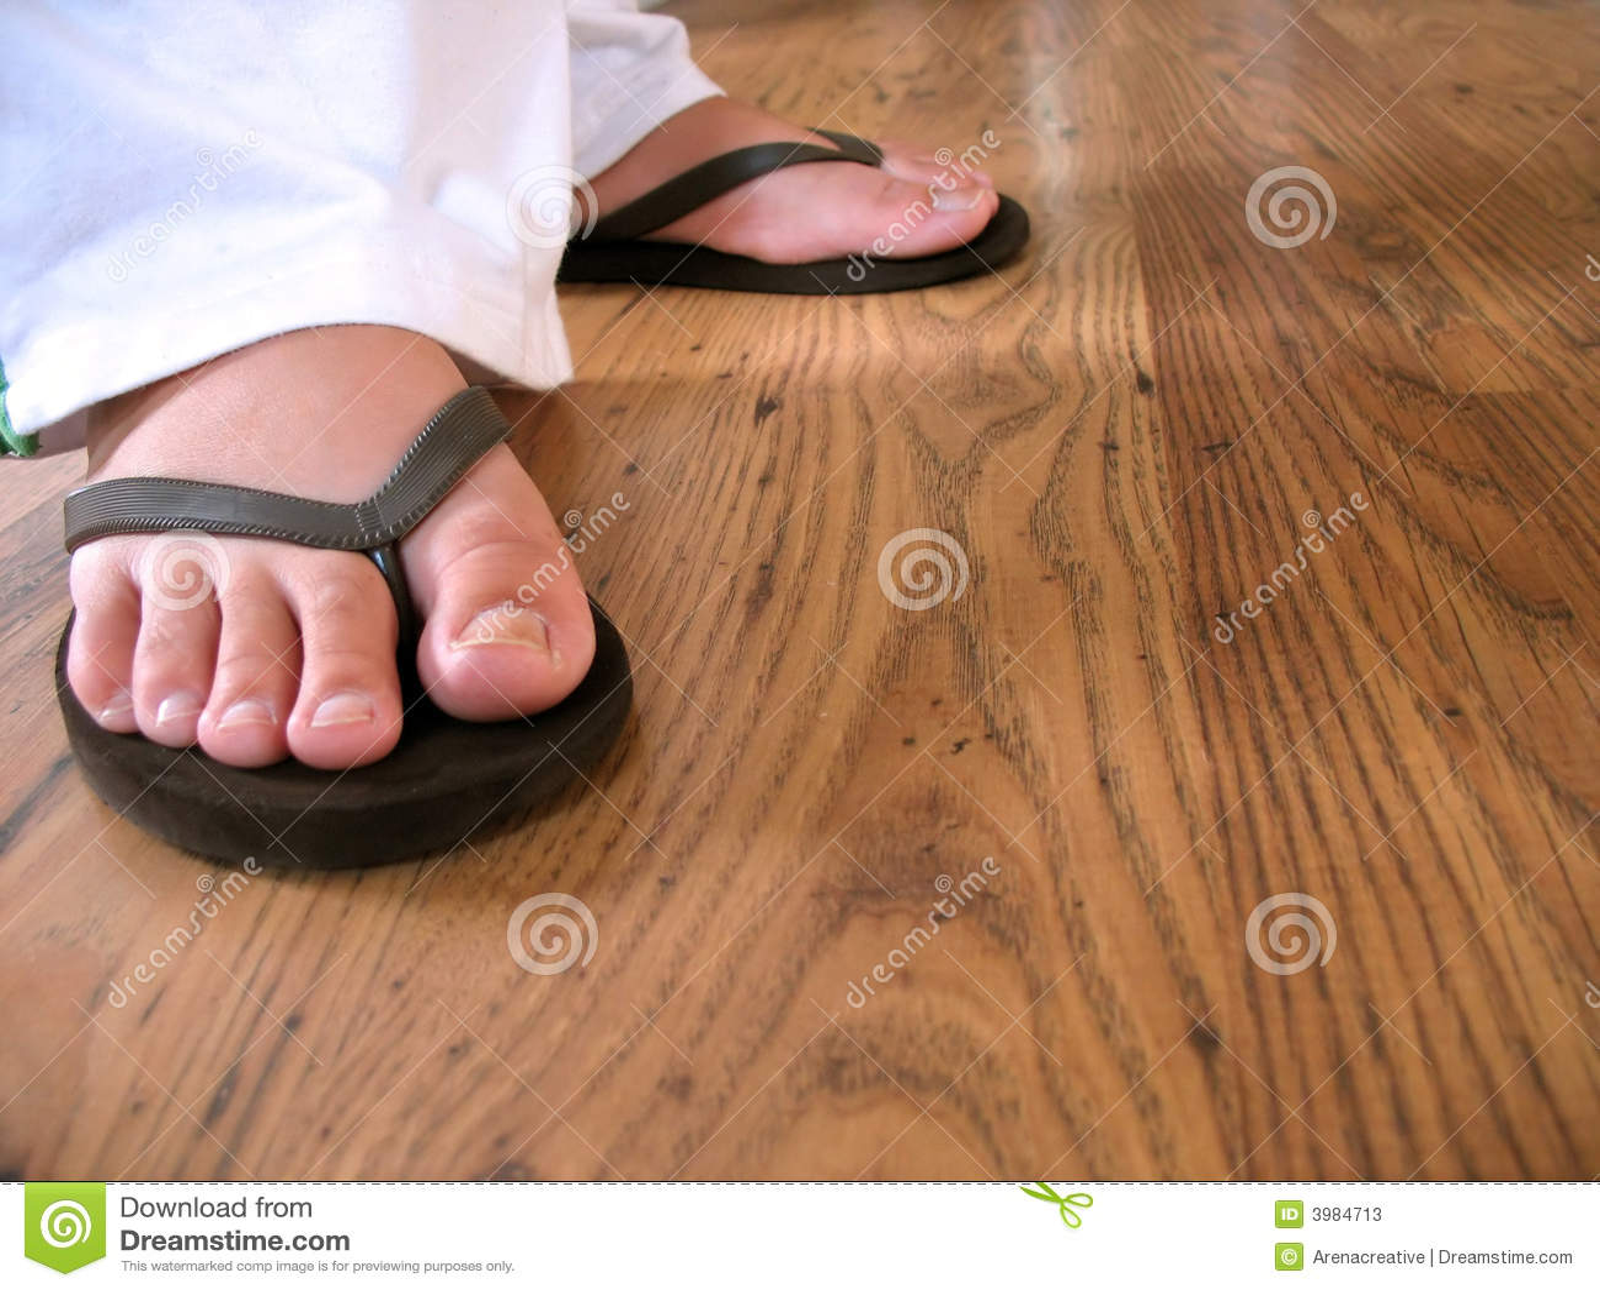 Flip flop feet